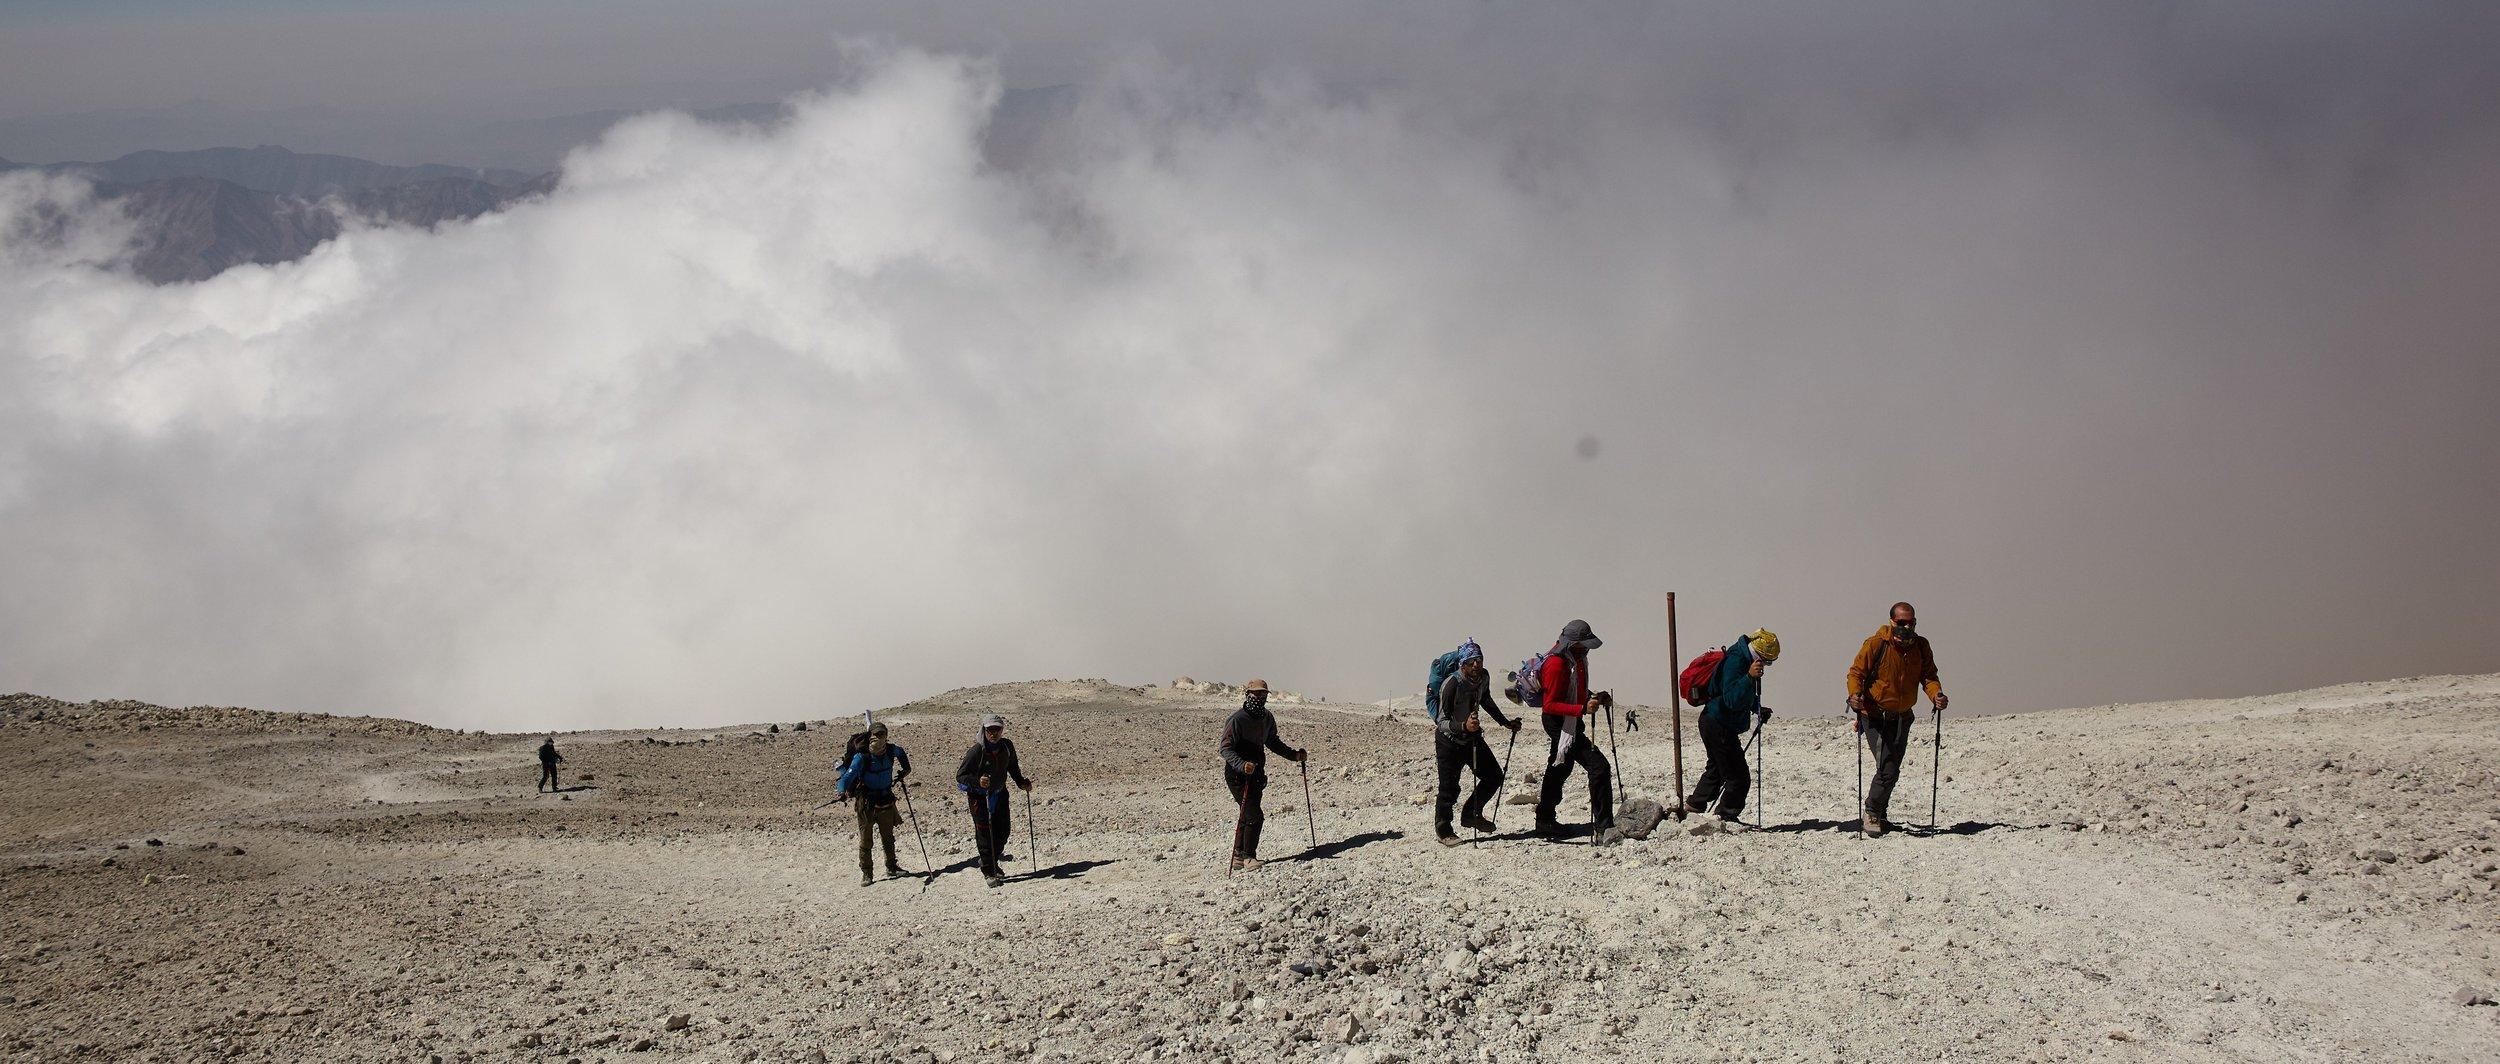 The little Plato near the Peak of Mt. Damavand, Iran